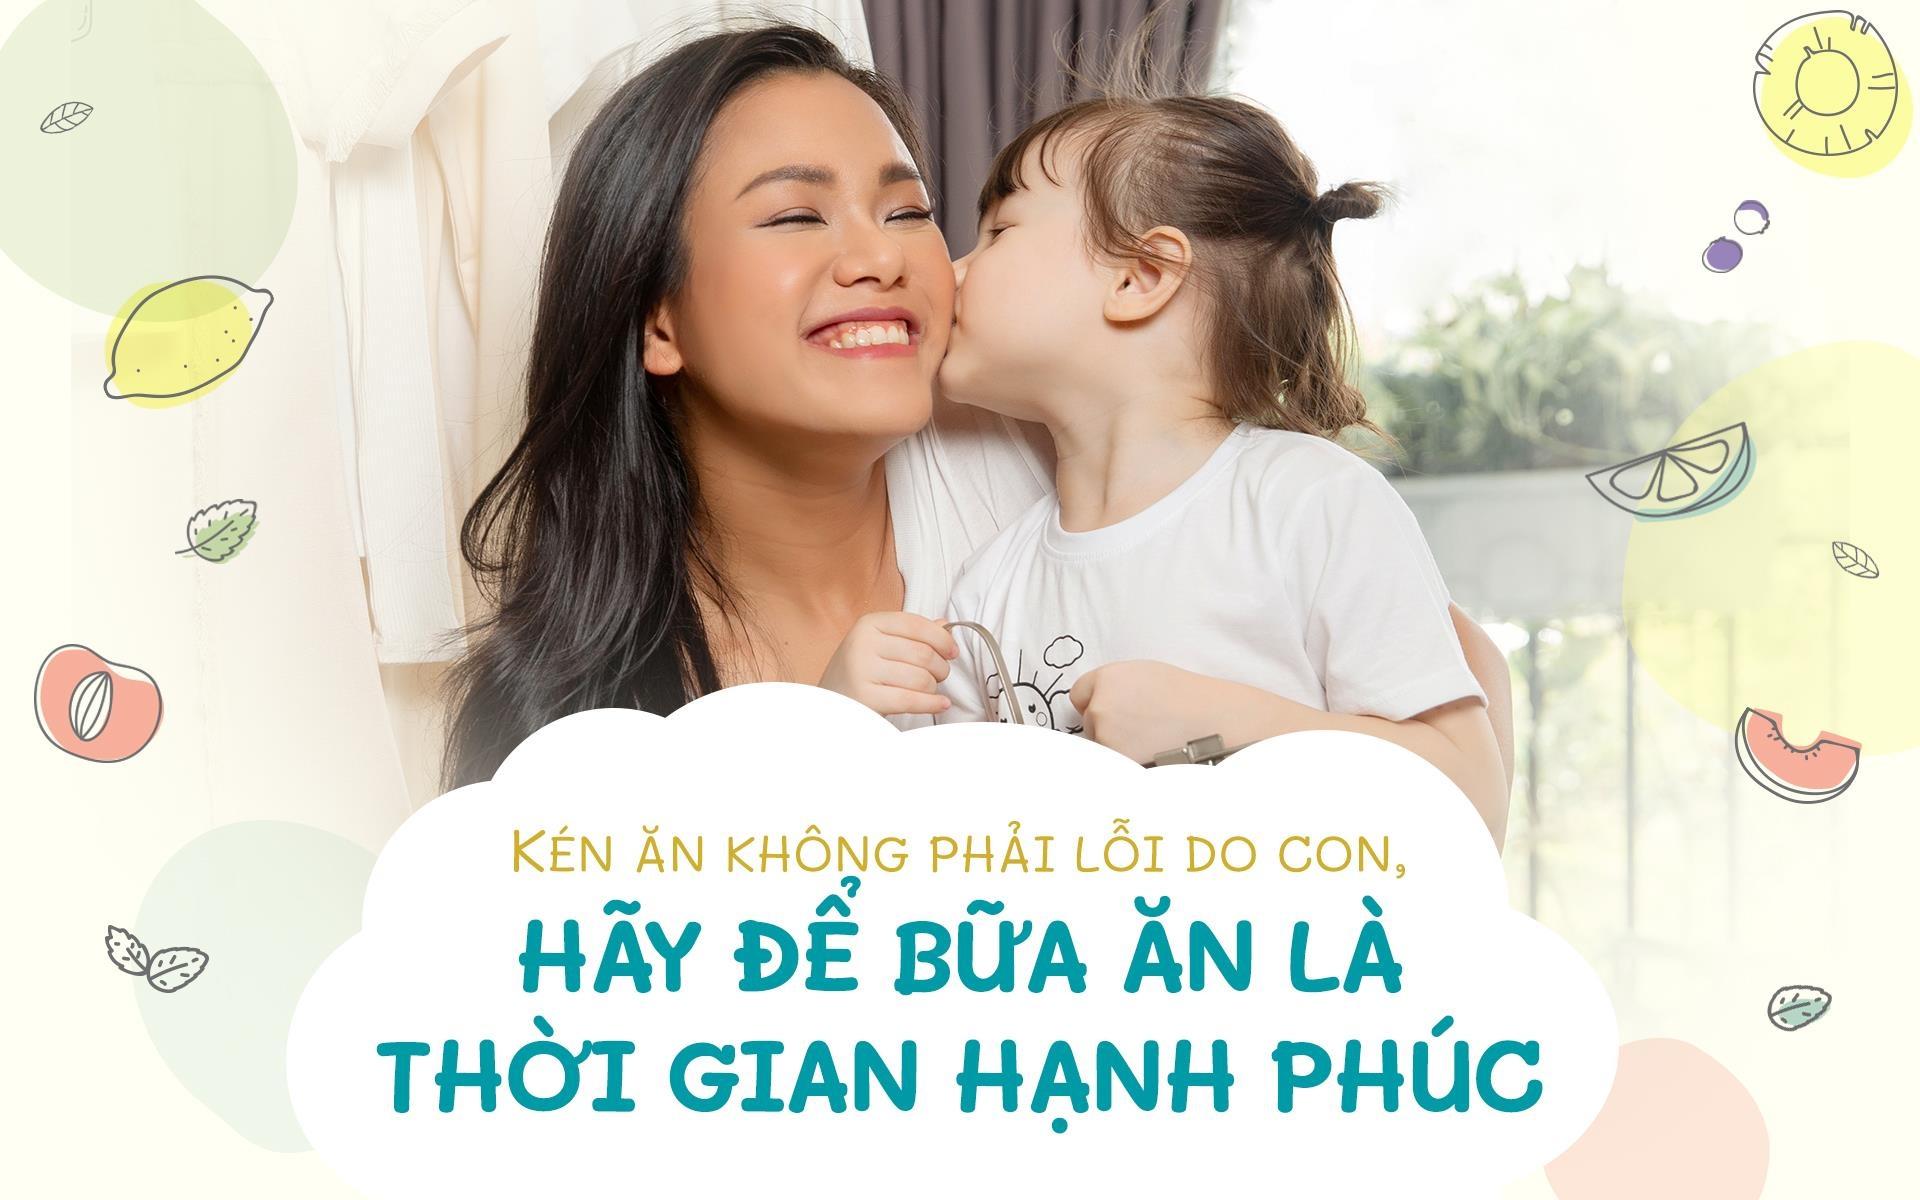 Ken an khong phai loi do con, hay de bua an la thoi gian hanh phuc hinh anh 2